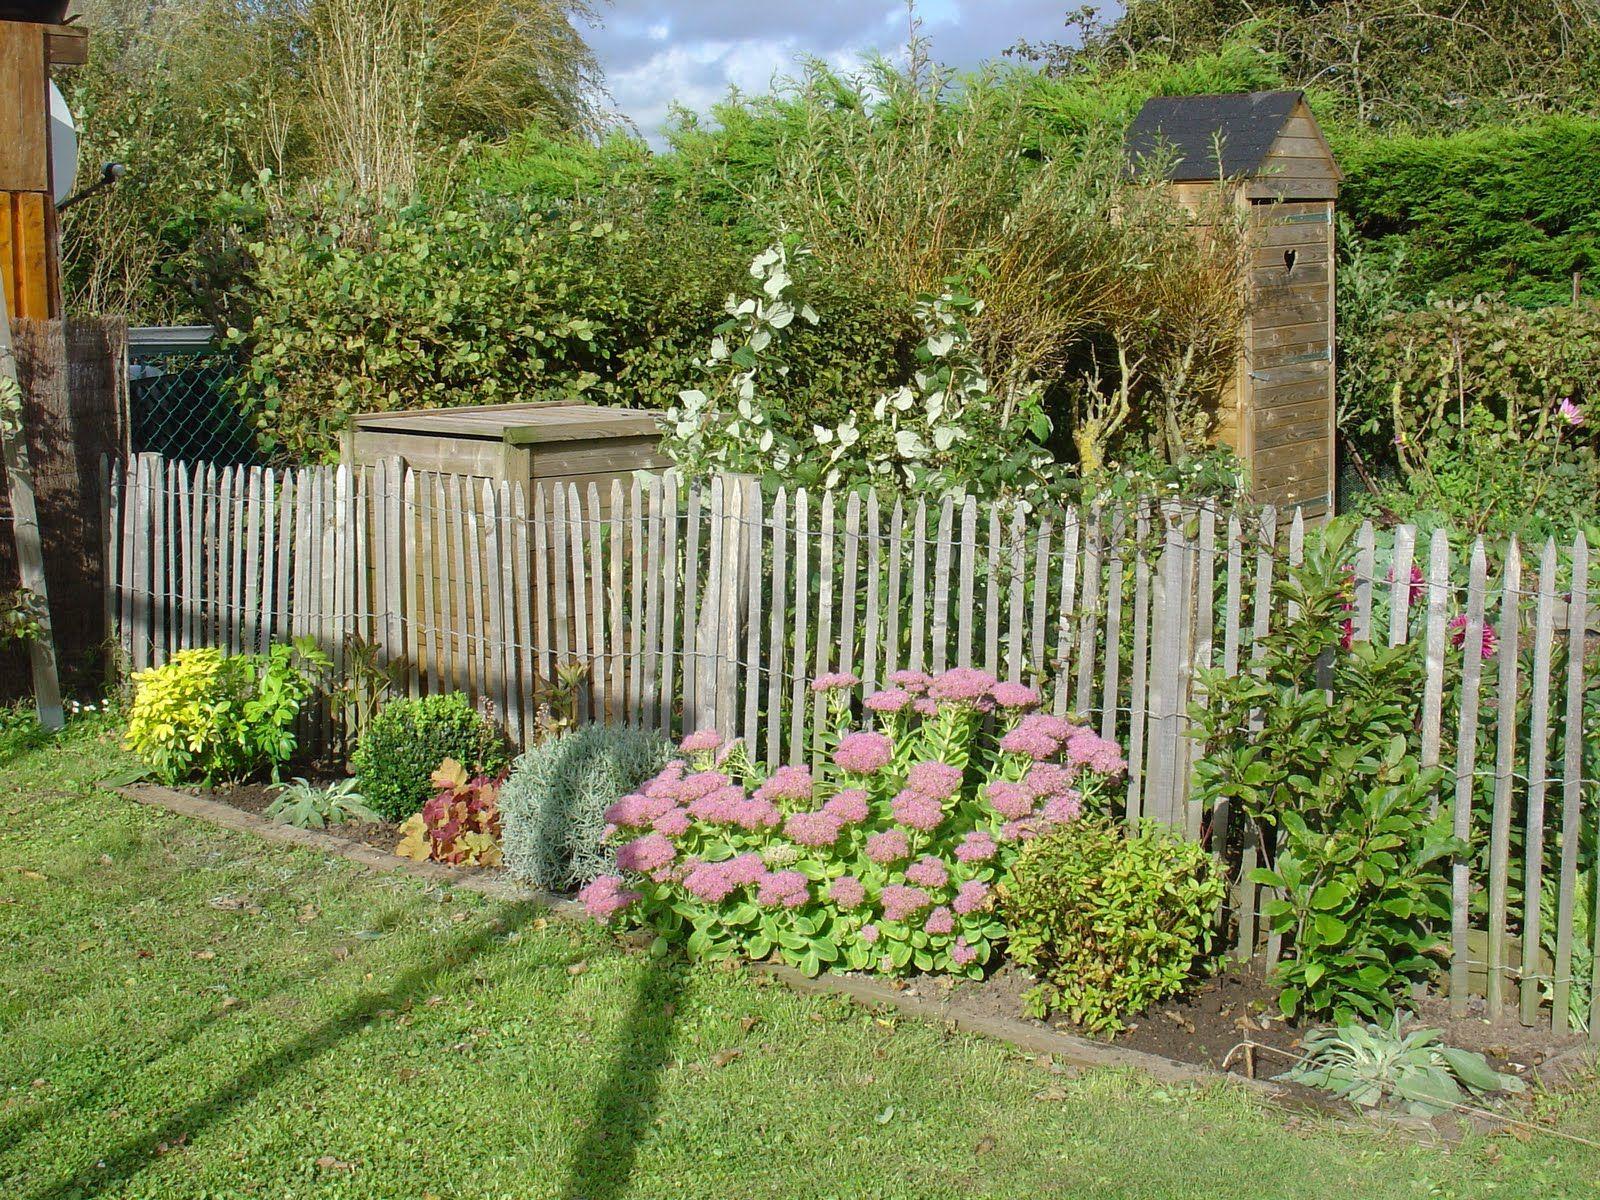 Arbuste Persistant Pour Pot décoration : arbuste persistant en pot [rouen 2721], arbuste